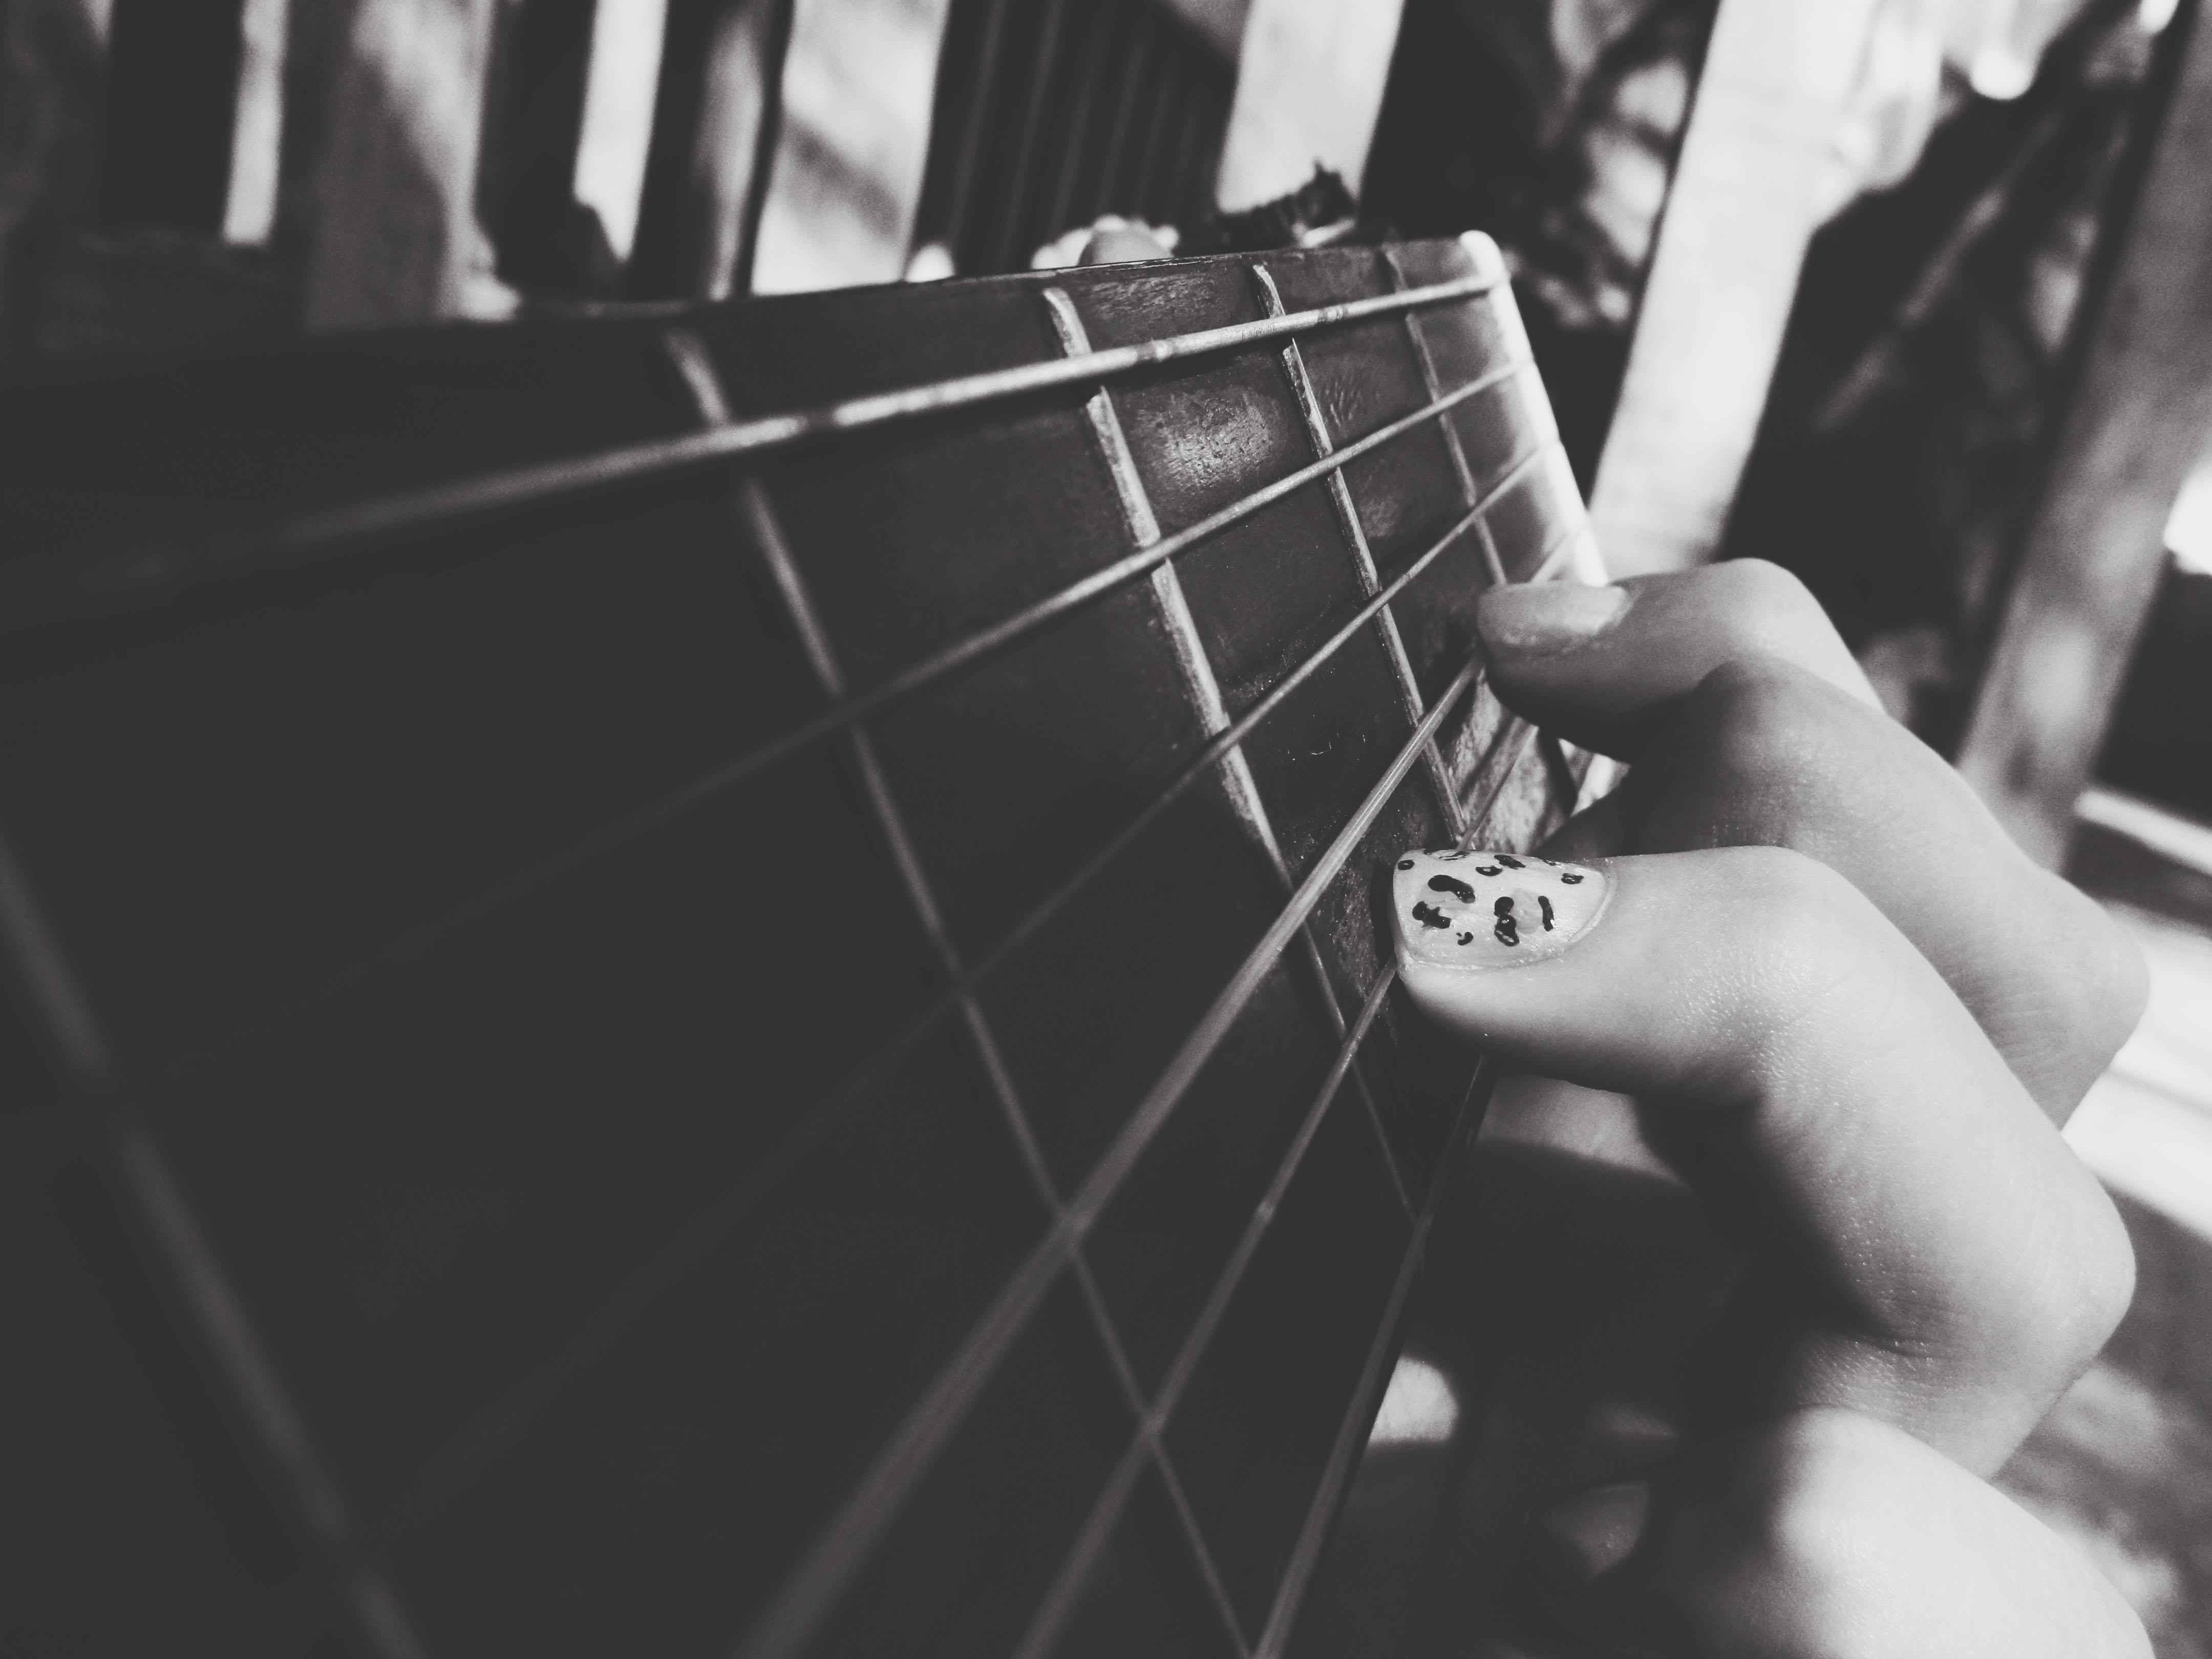 Sfondi bianco e nero bw musica carina ragazza for Sfondi bianco e nero tumblr